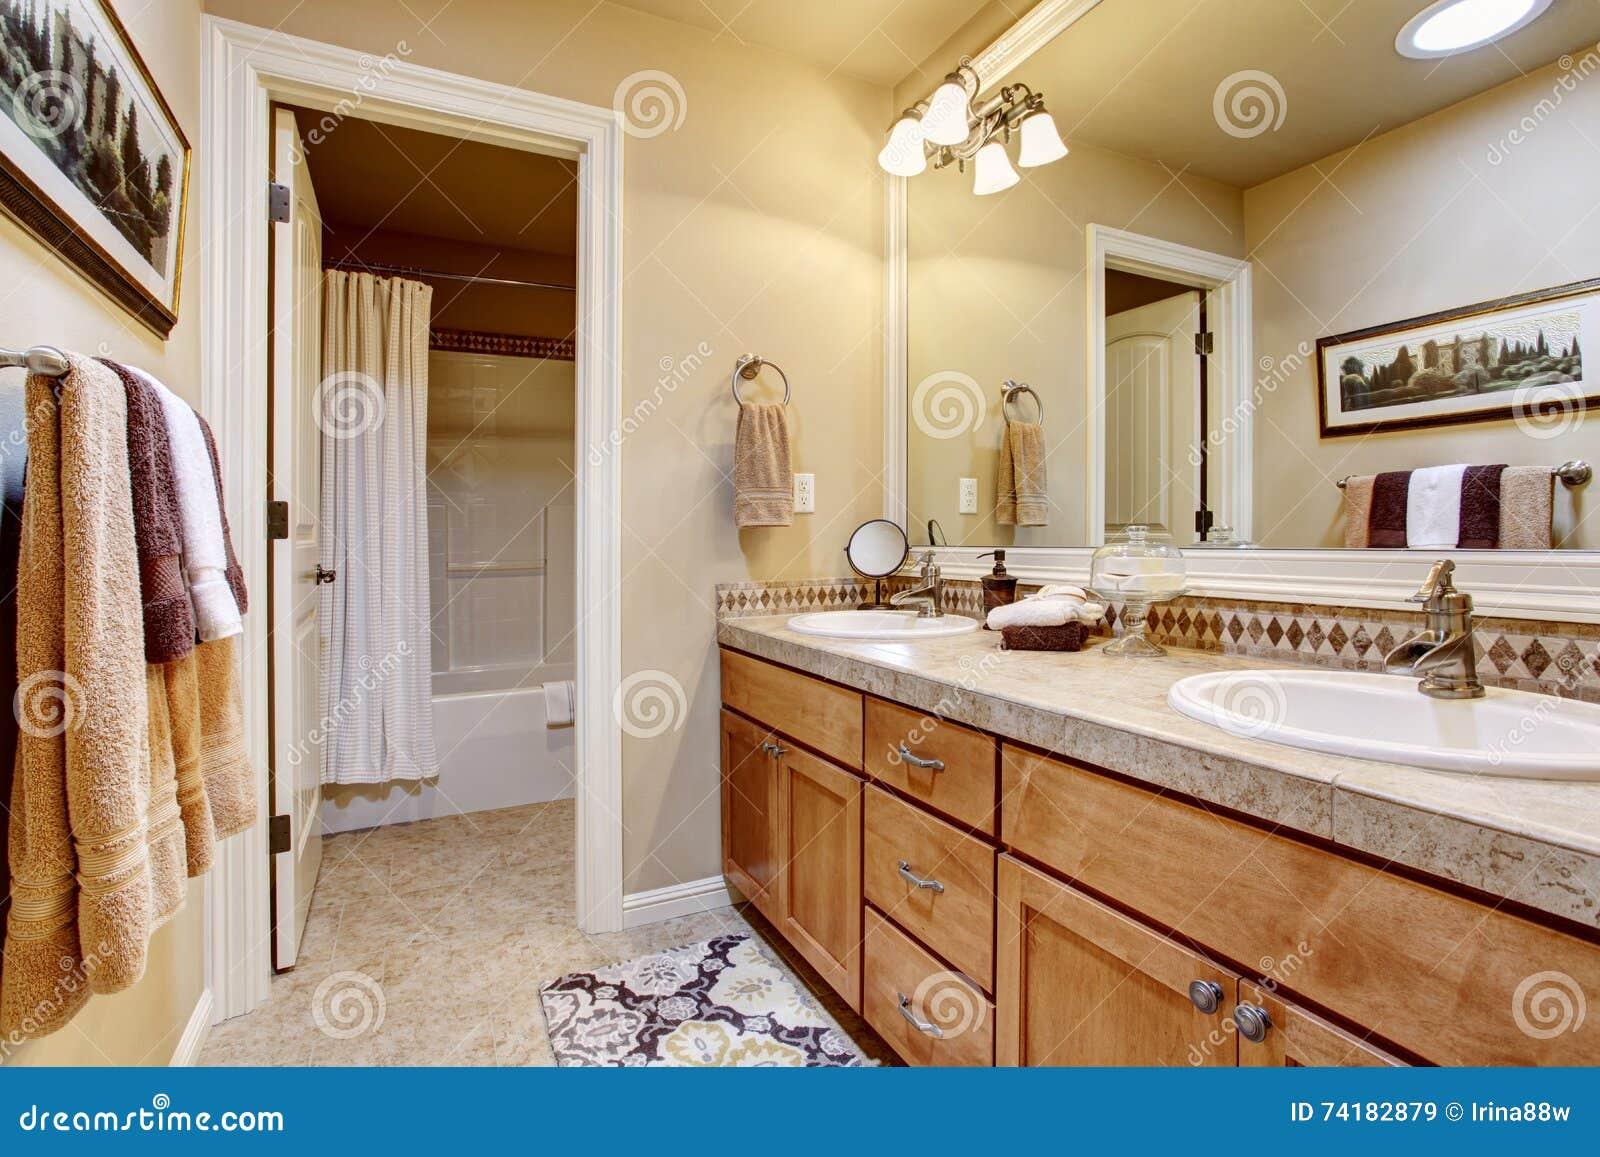 Plan De Travail Granit Beige intérieur élégant de salle de bains avec le grands miroir